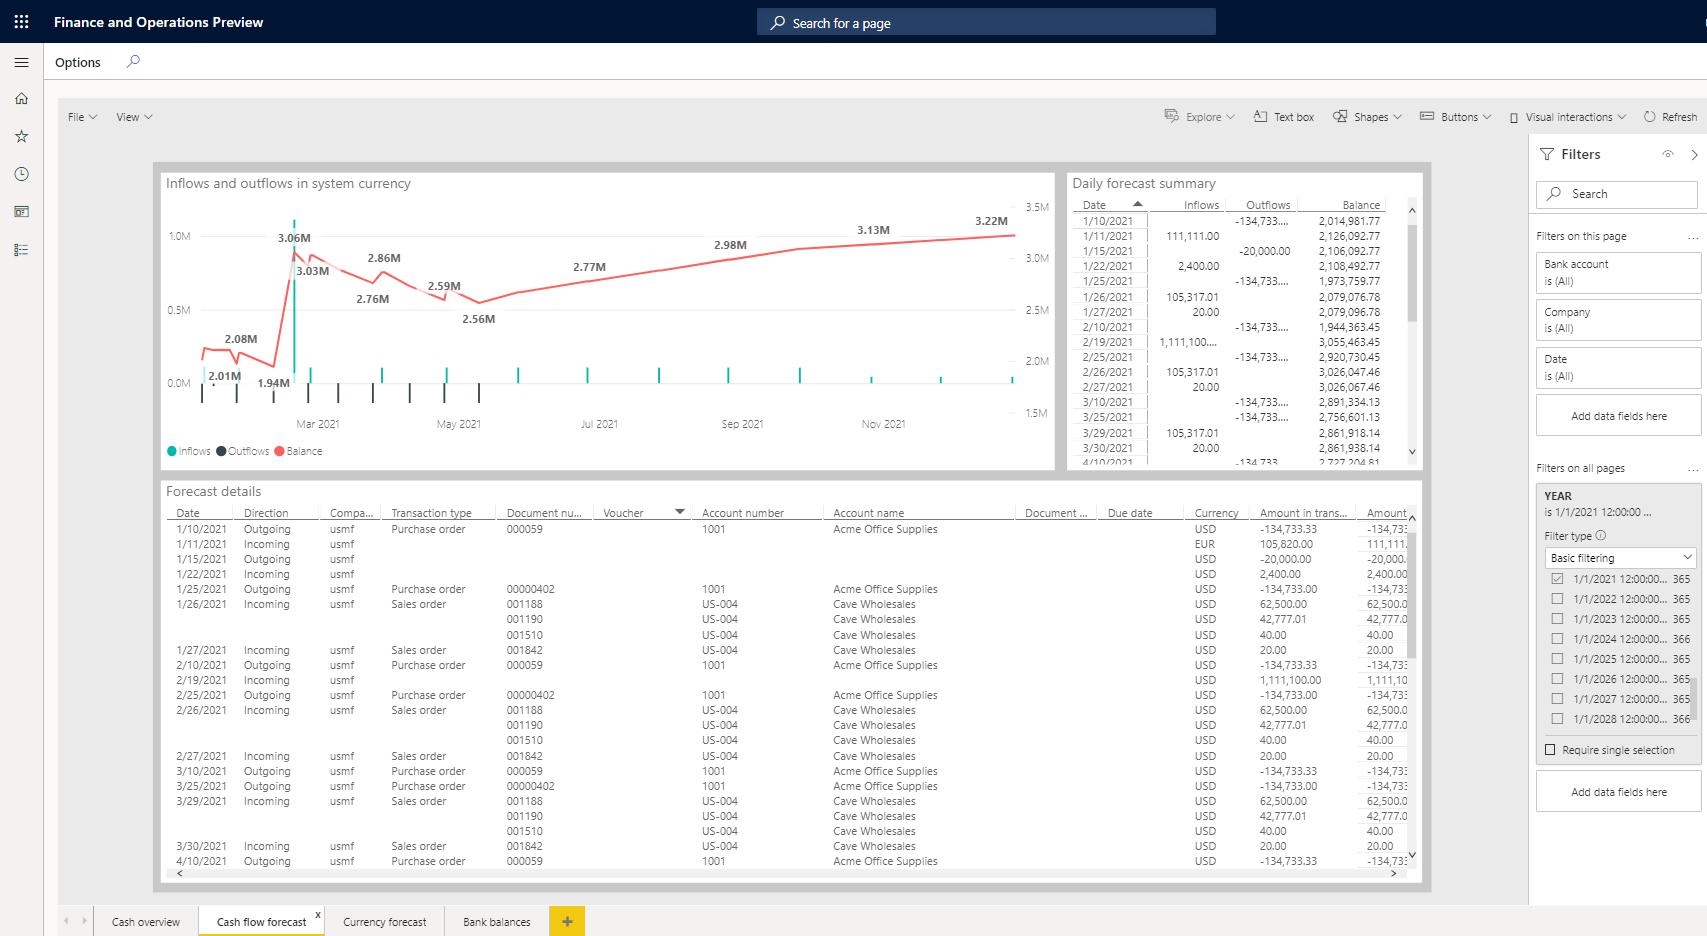 Cashflow forecast with detalization